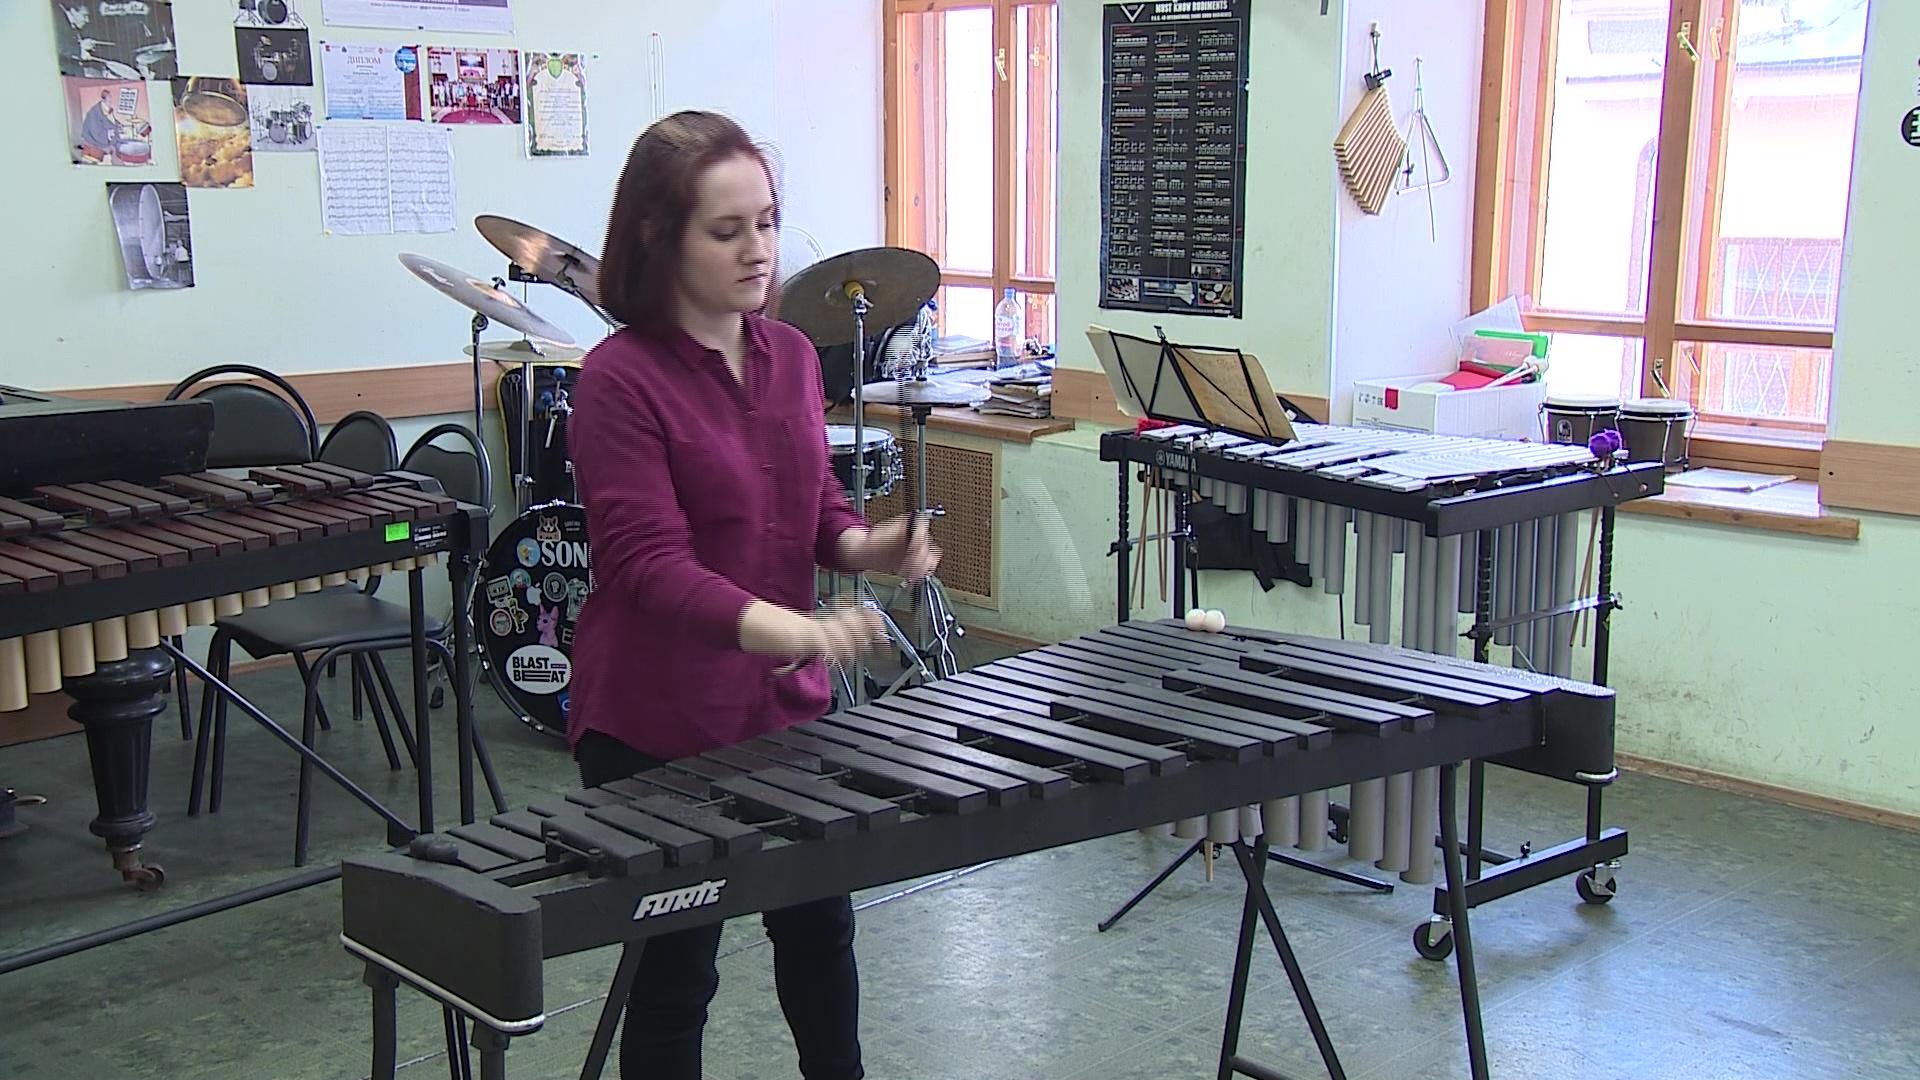 В центре Юрия Башмета в Собиновском училище открылась вторая сессия мастер-классов